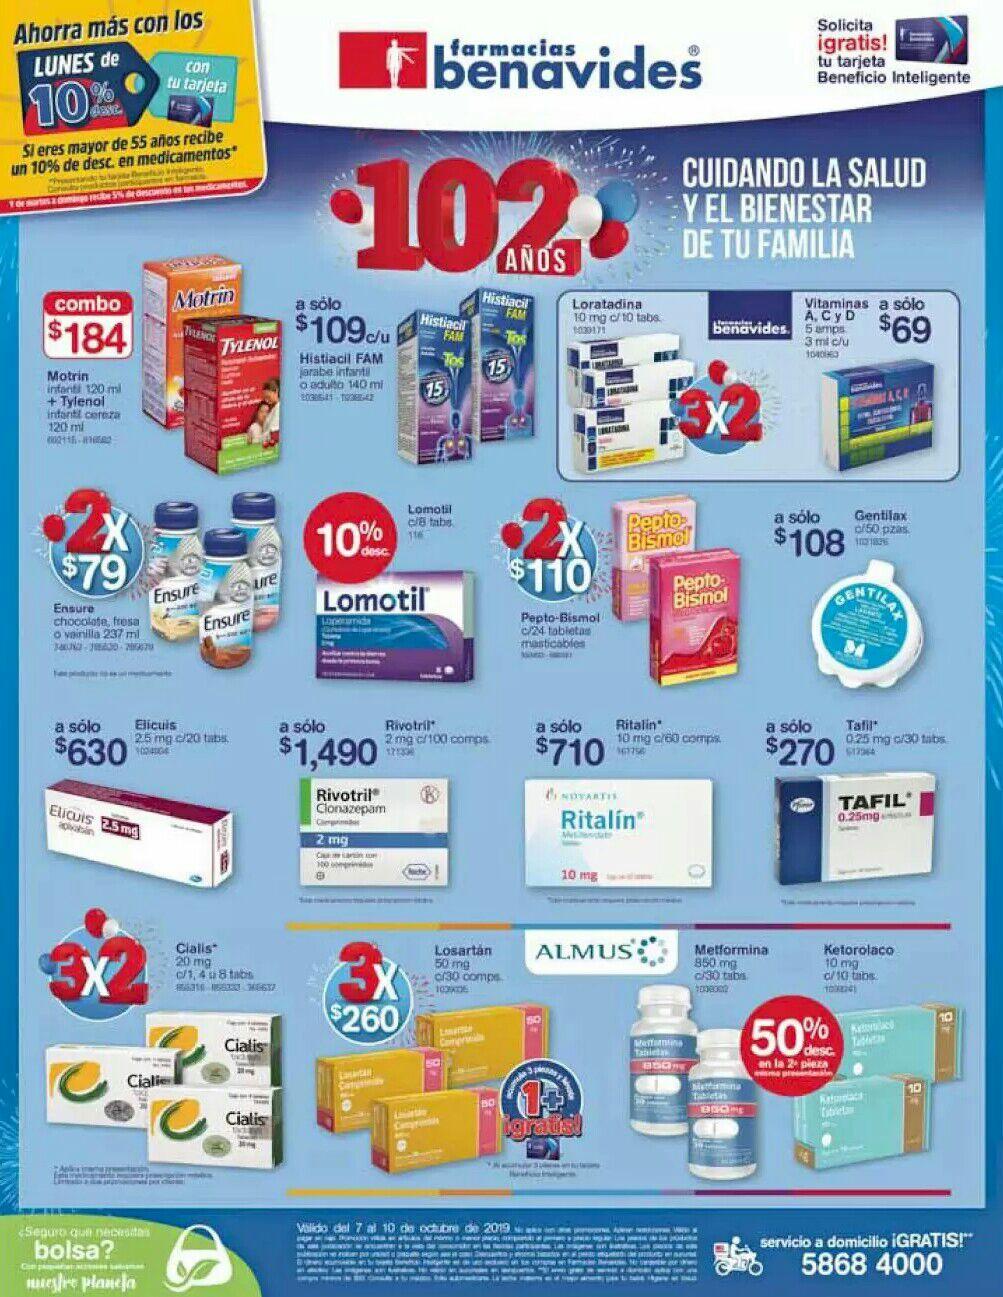 Farmacias Benavides: Ofertas del Lunes 7 al Jueves 10 de Octubre